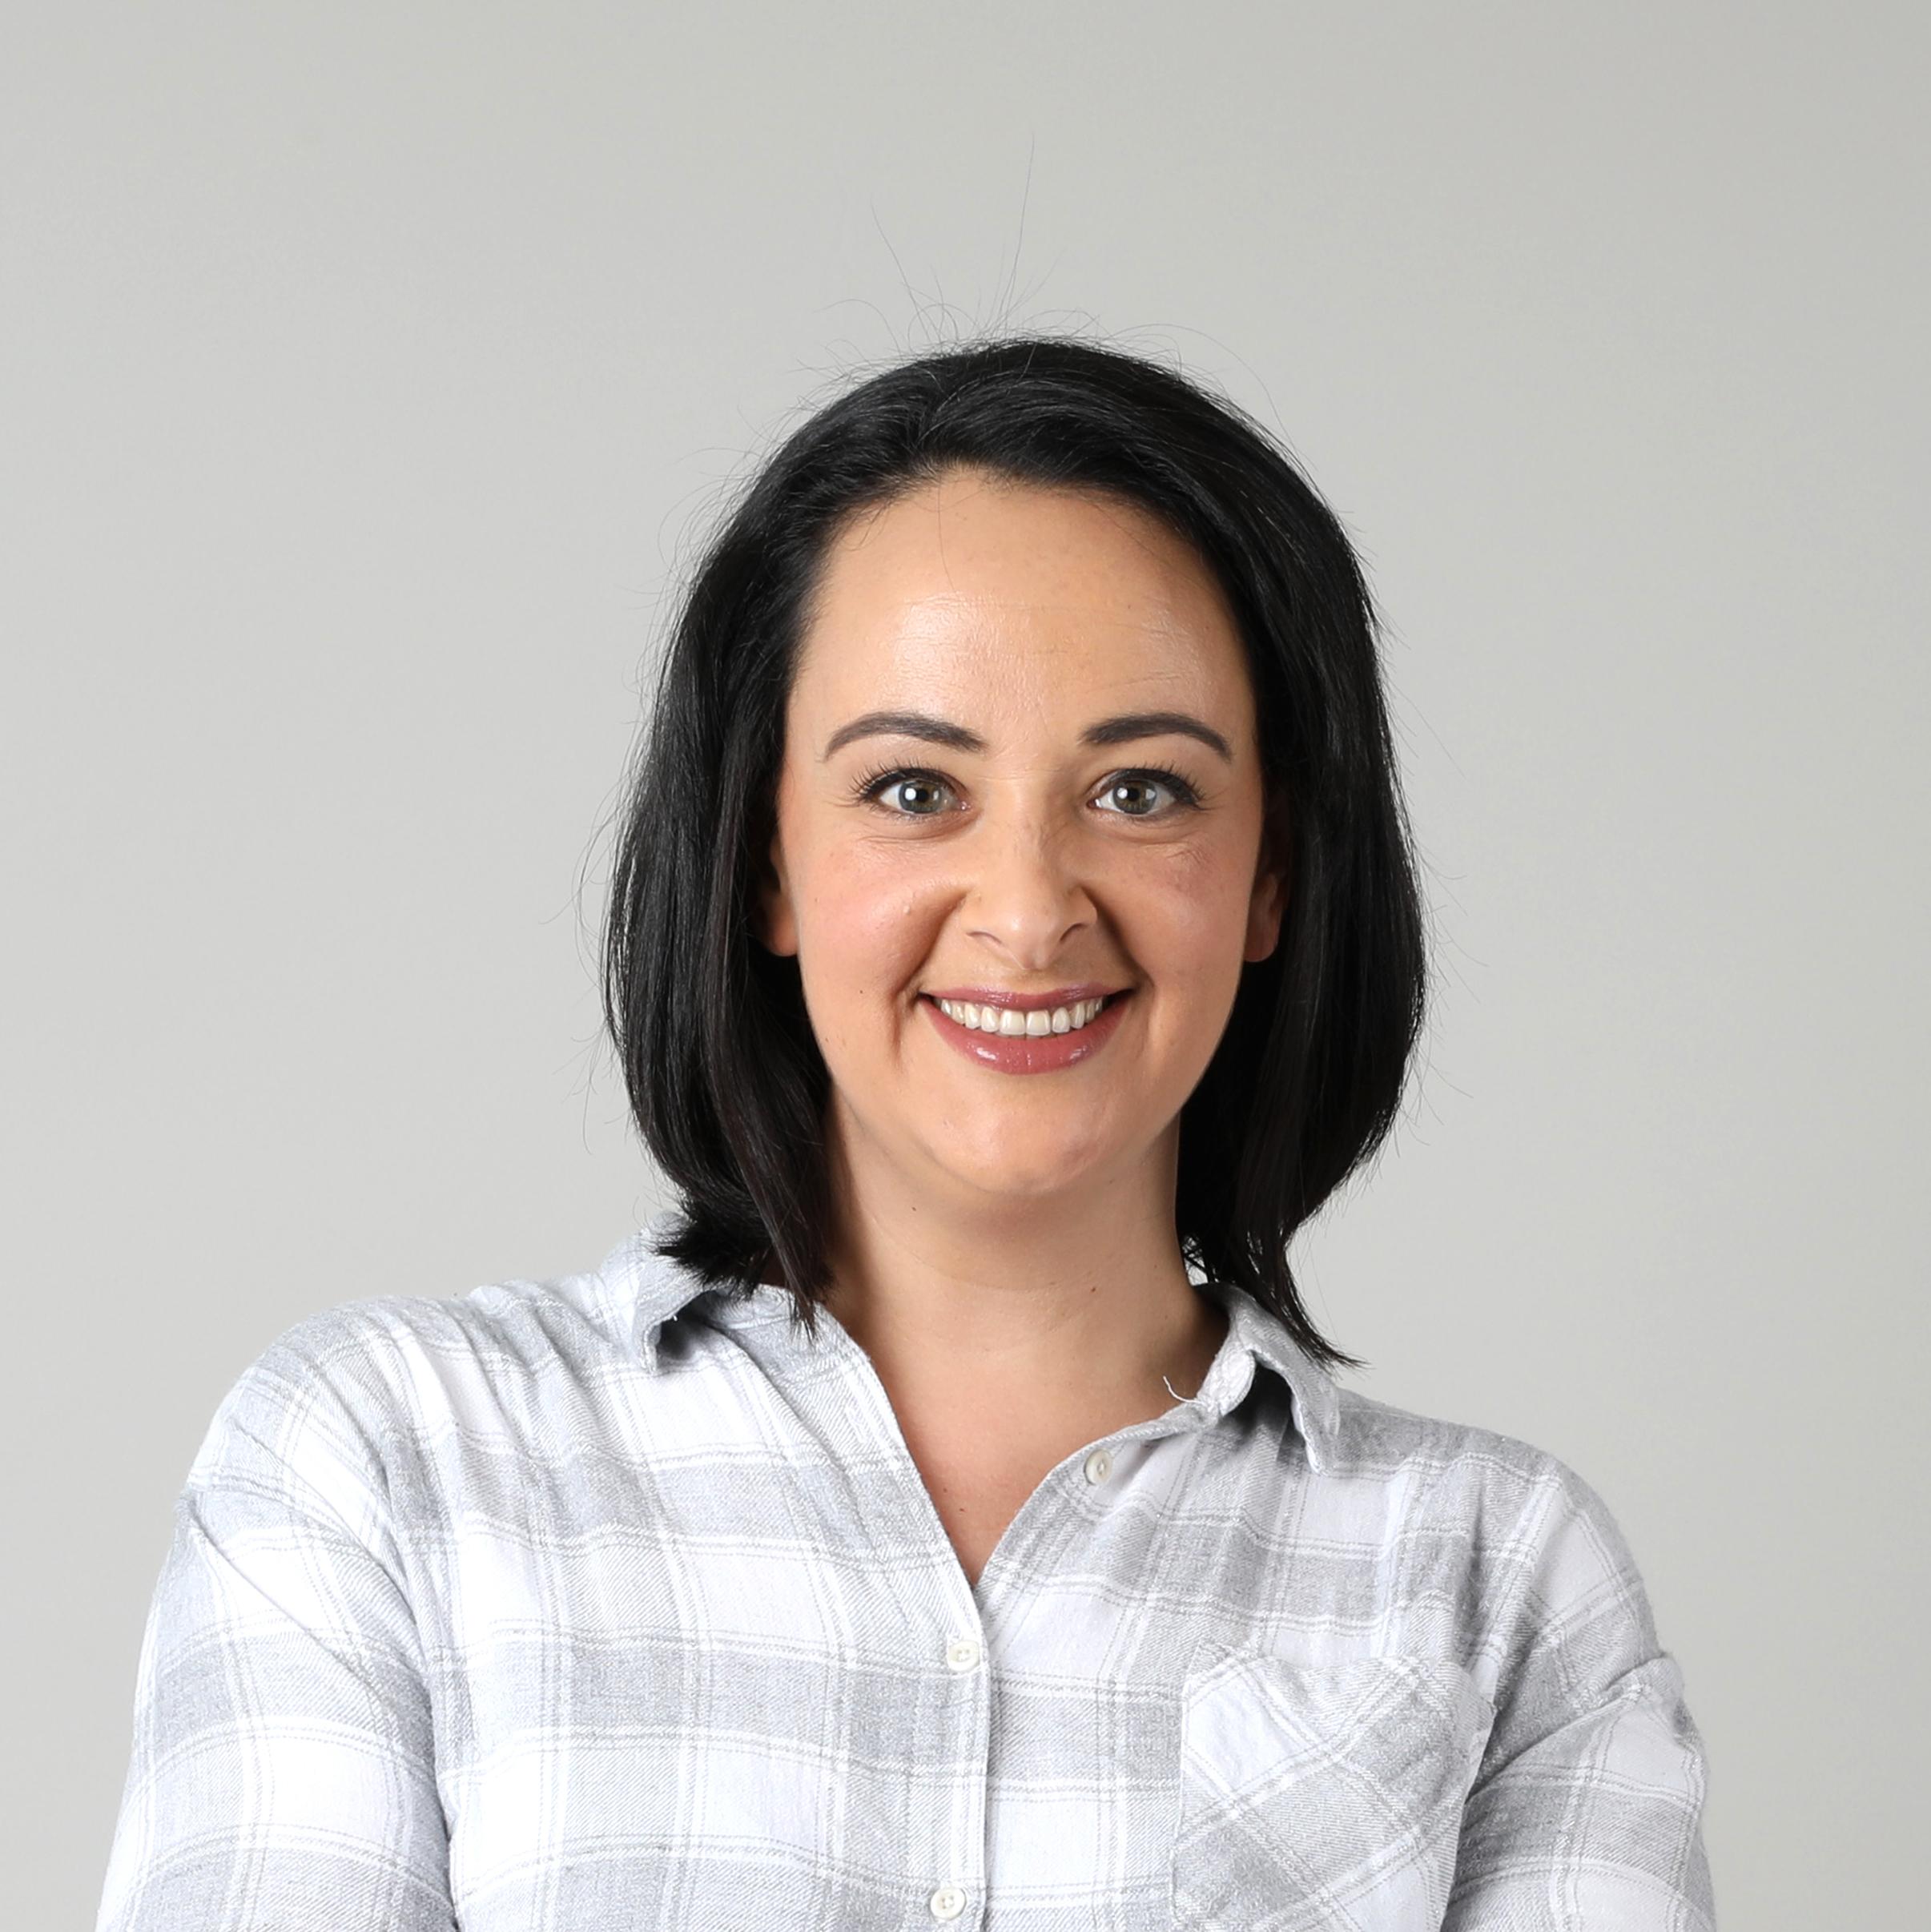 Naama Oren